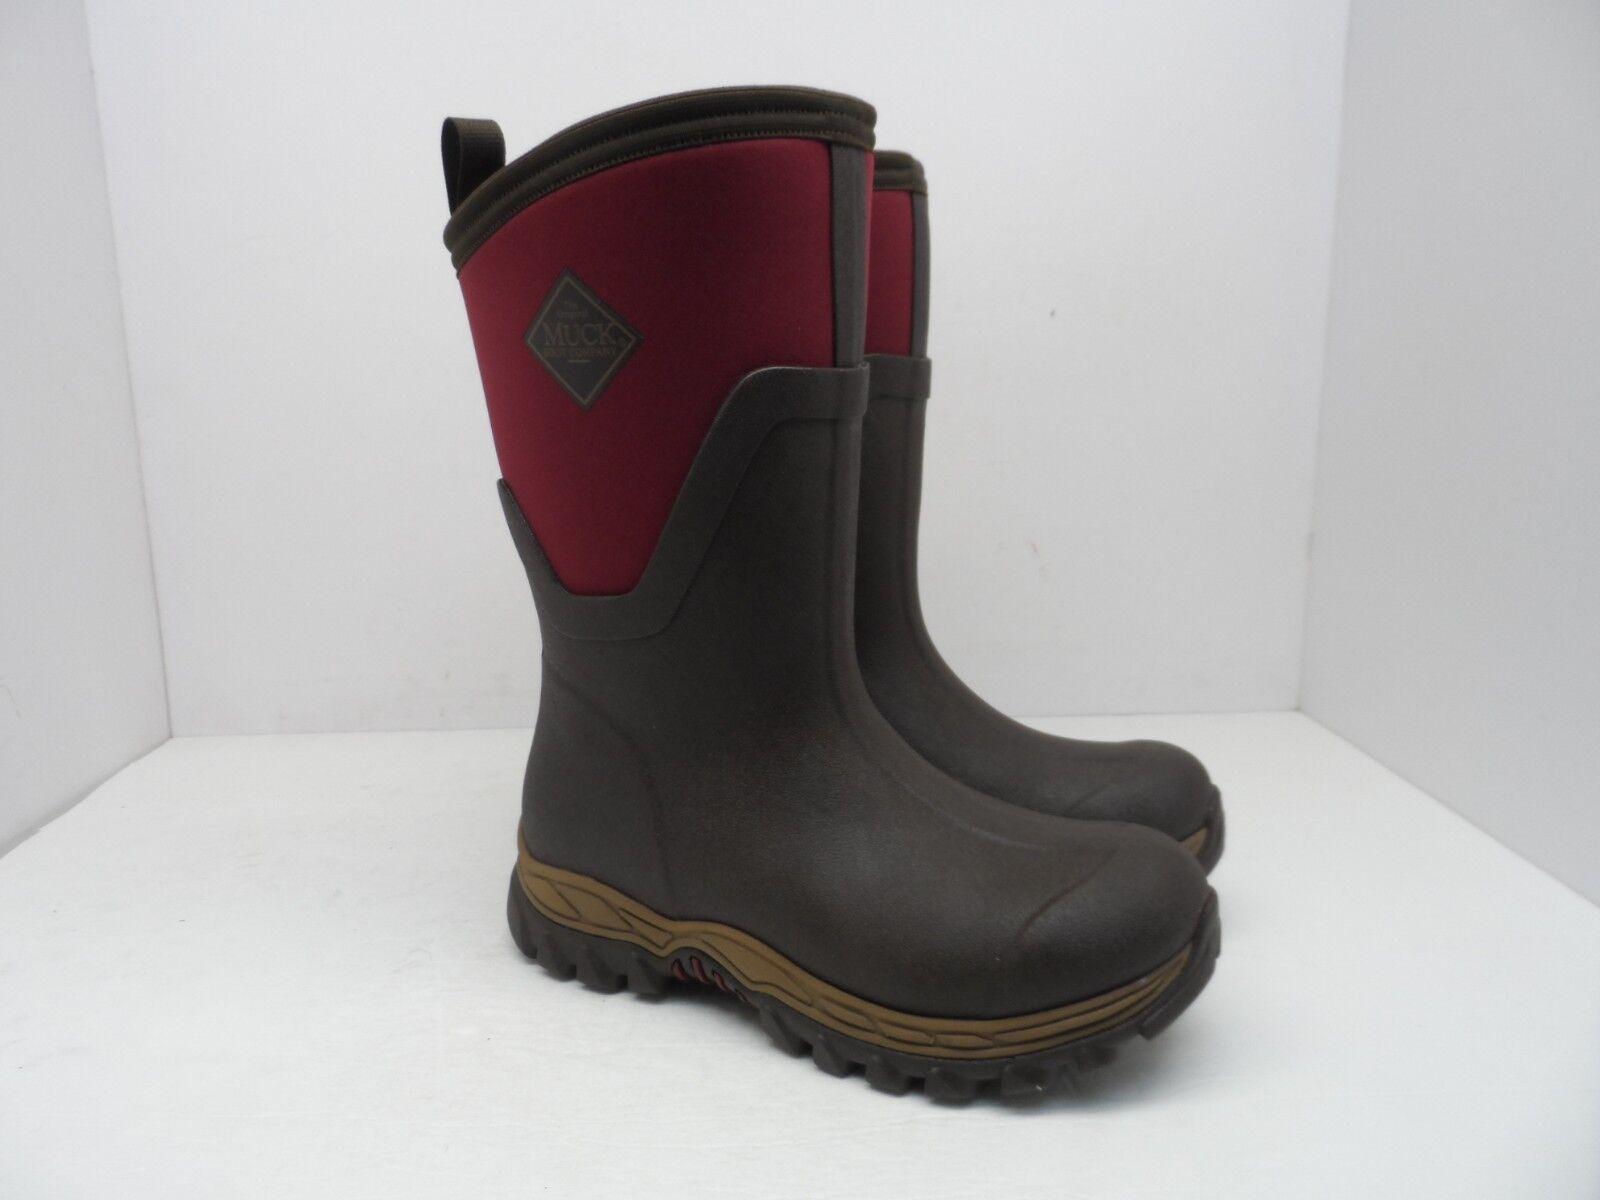 Muck botas para Mujer Ártico Sport Sport Sport II AS2M-900 botas De Invierno Marrón Cordobés Talla 5M  tienda en linea